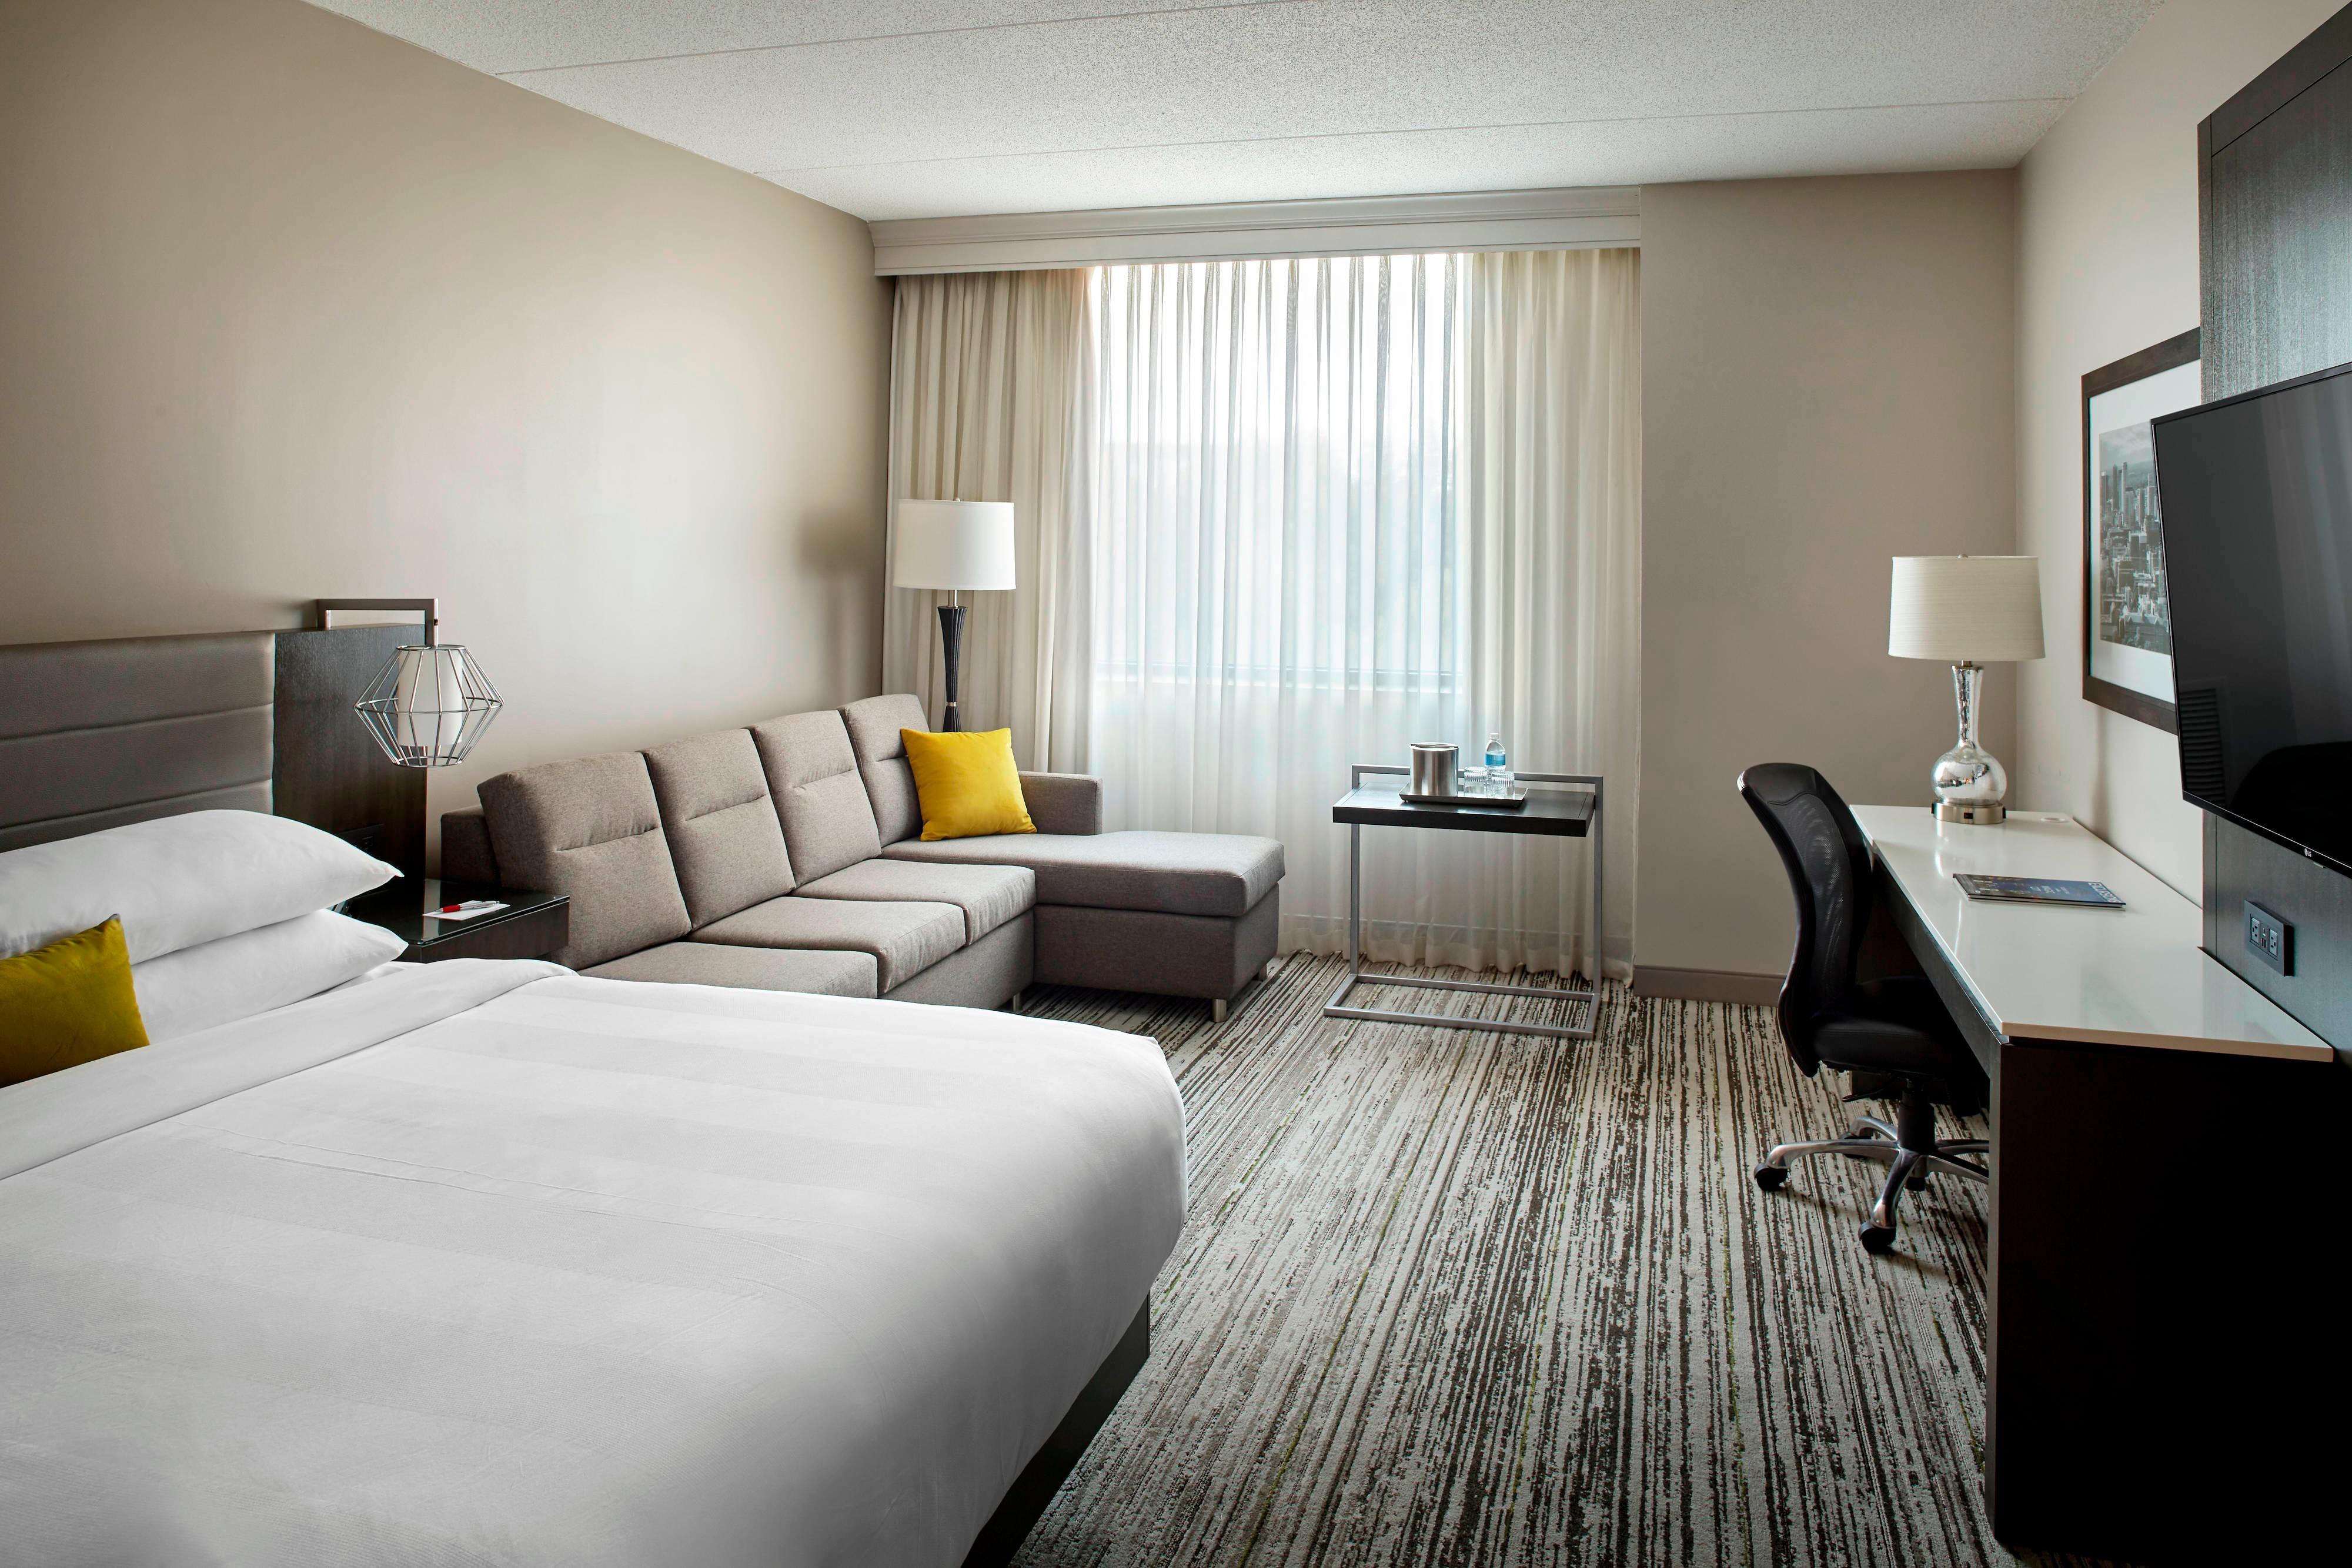 Birmingham Hotels Luxury In - Marriott